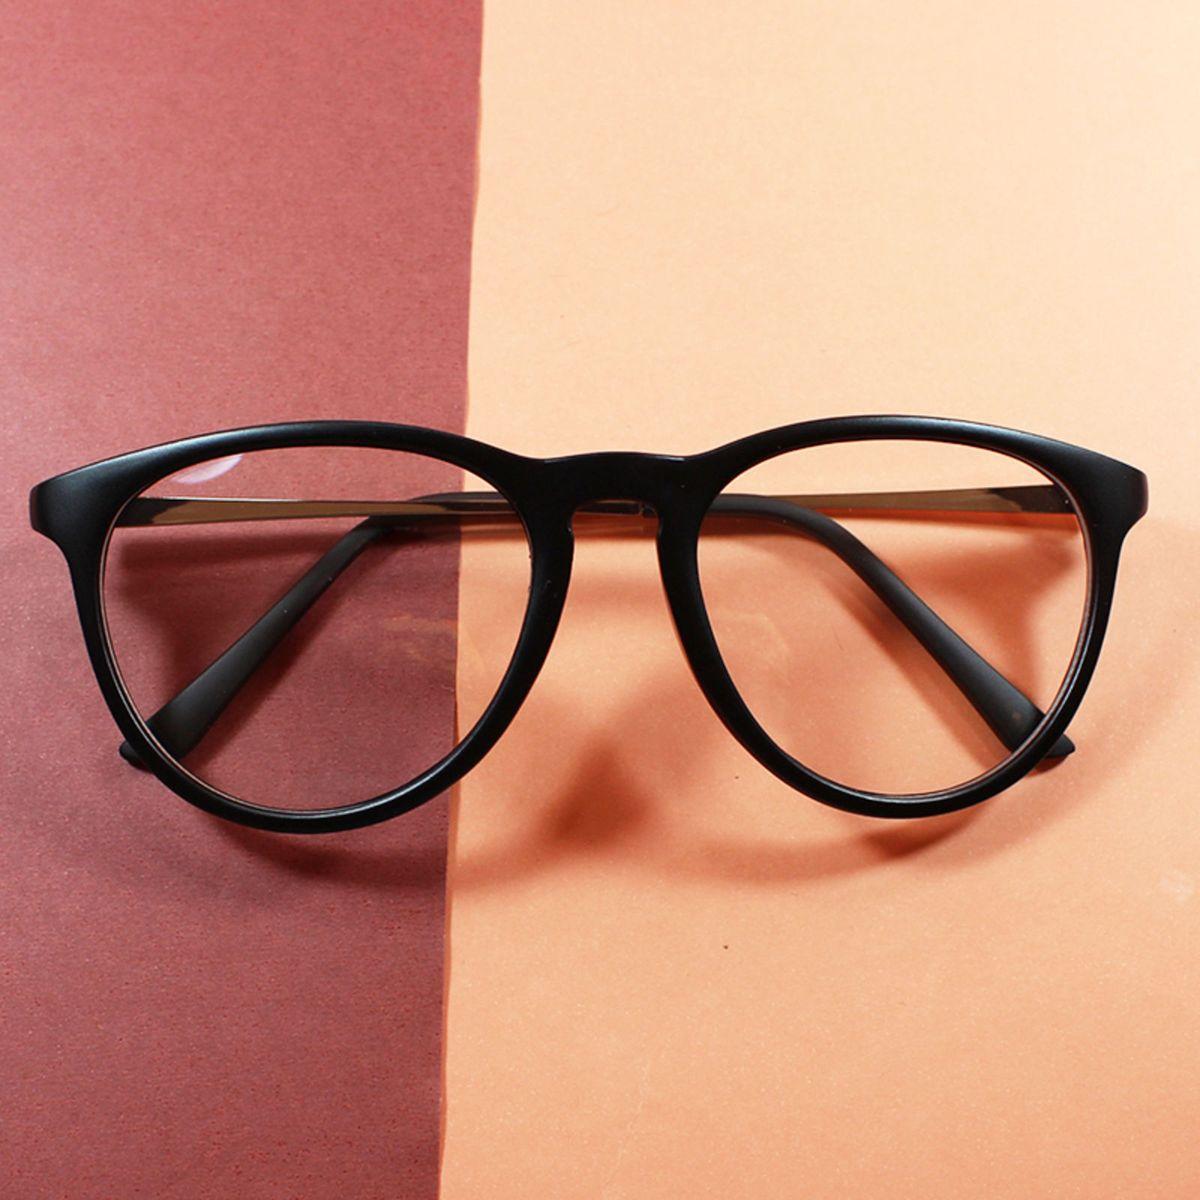 6735e528b813d Armação Óculos Grau Feminina Clássica Redonda Preto   Óculos Feminino Nunca  Usado 30723641   enjoei